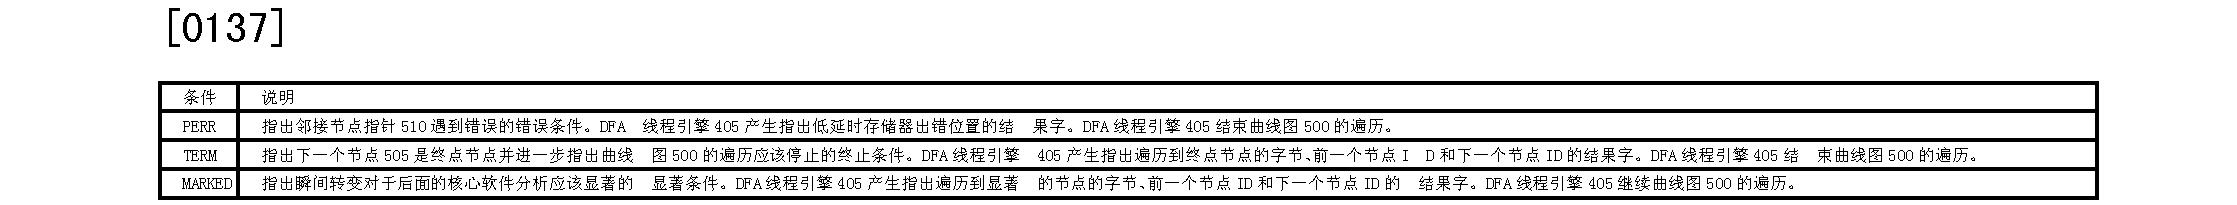 Figure CN101128804BD00171